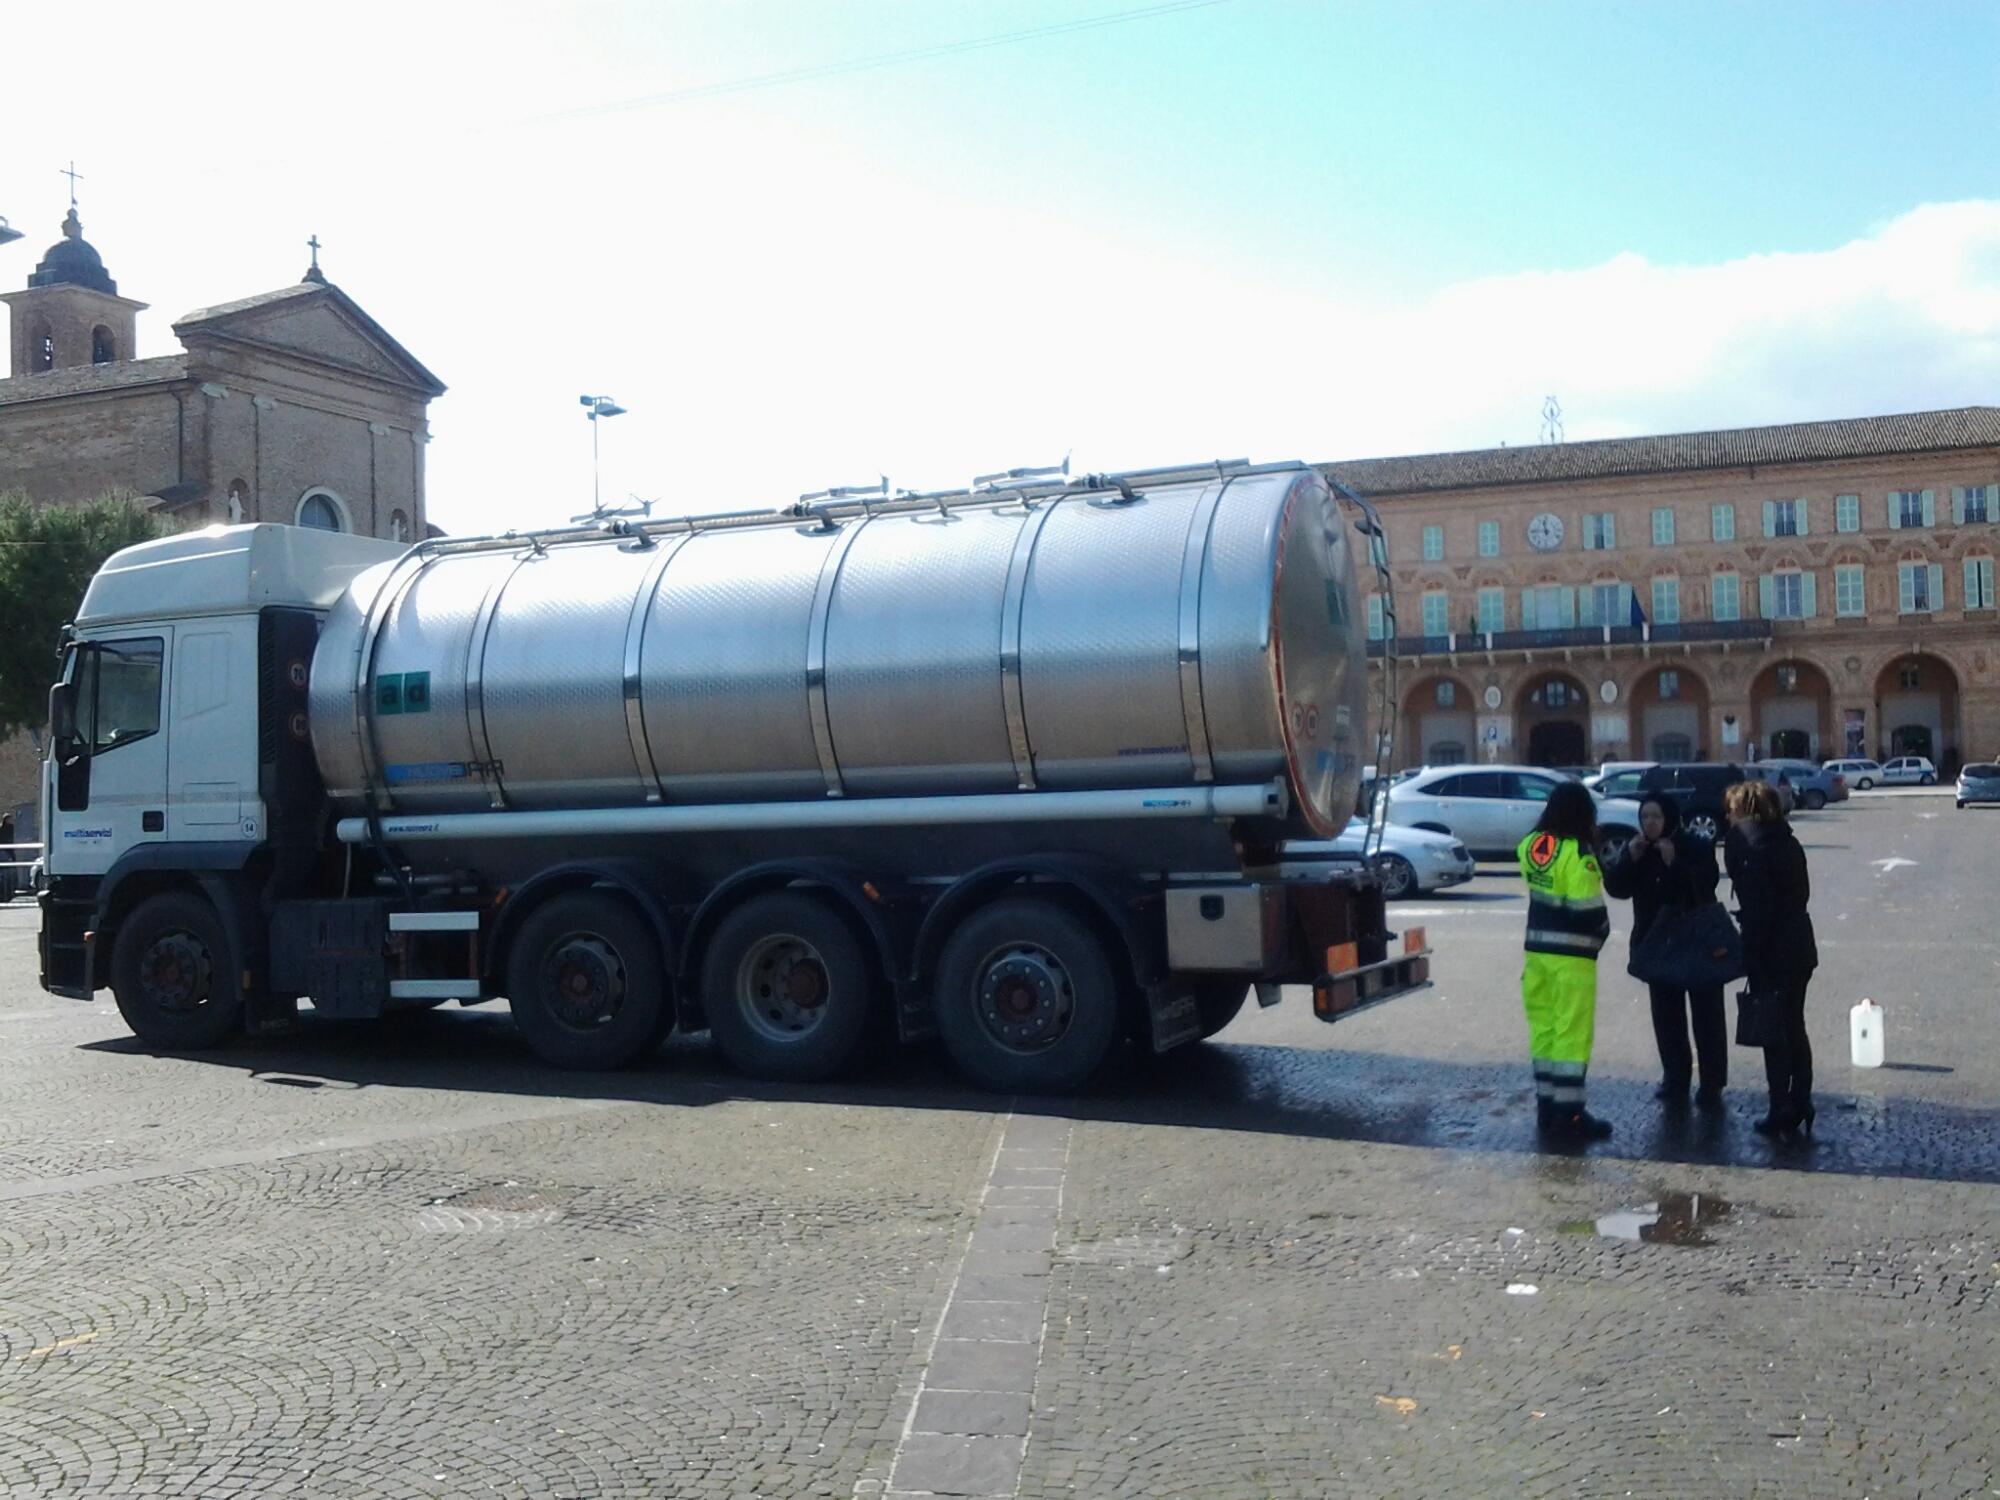 L'autobotte per distribuire l'acqua a Civitanova